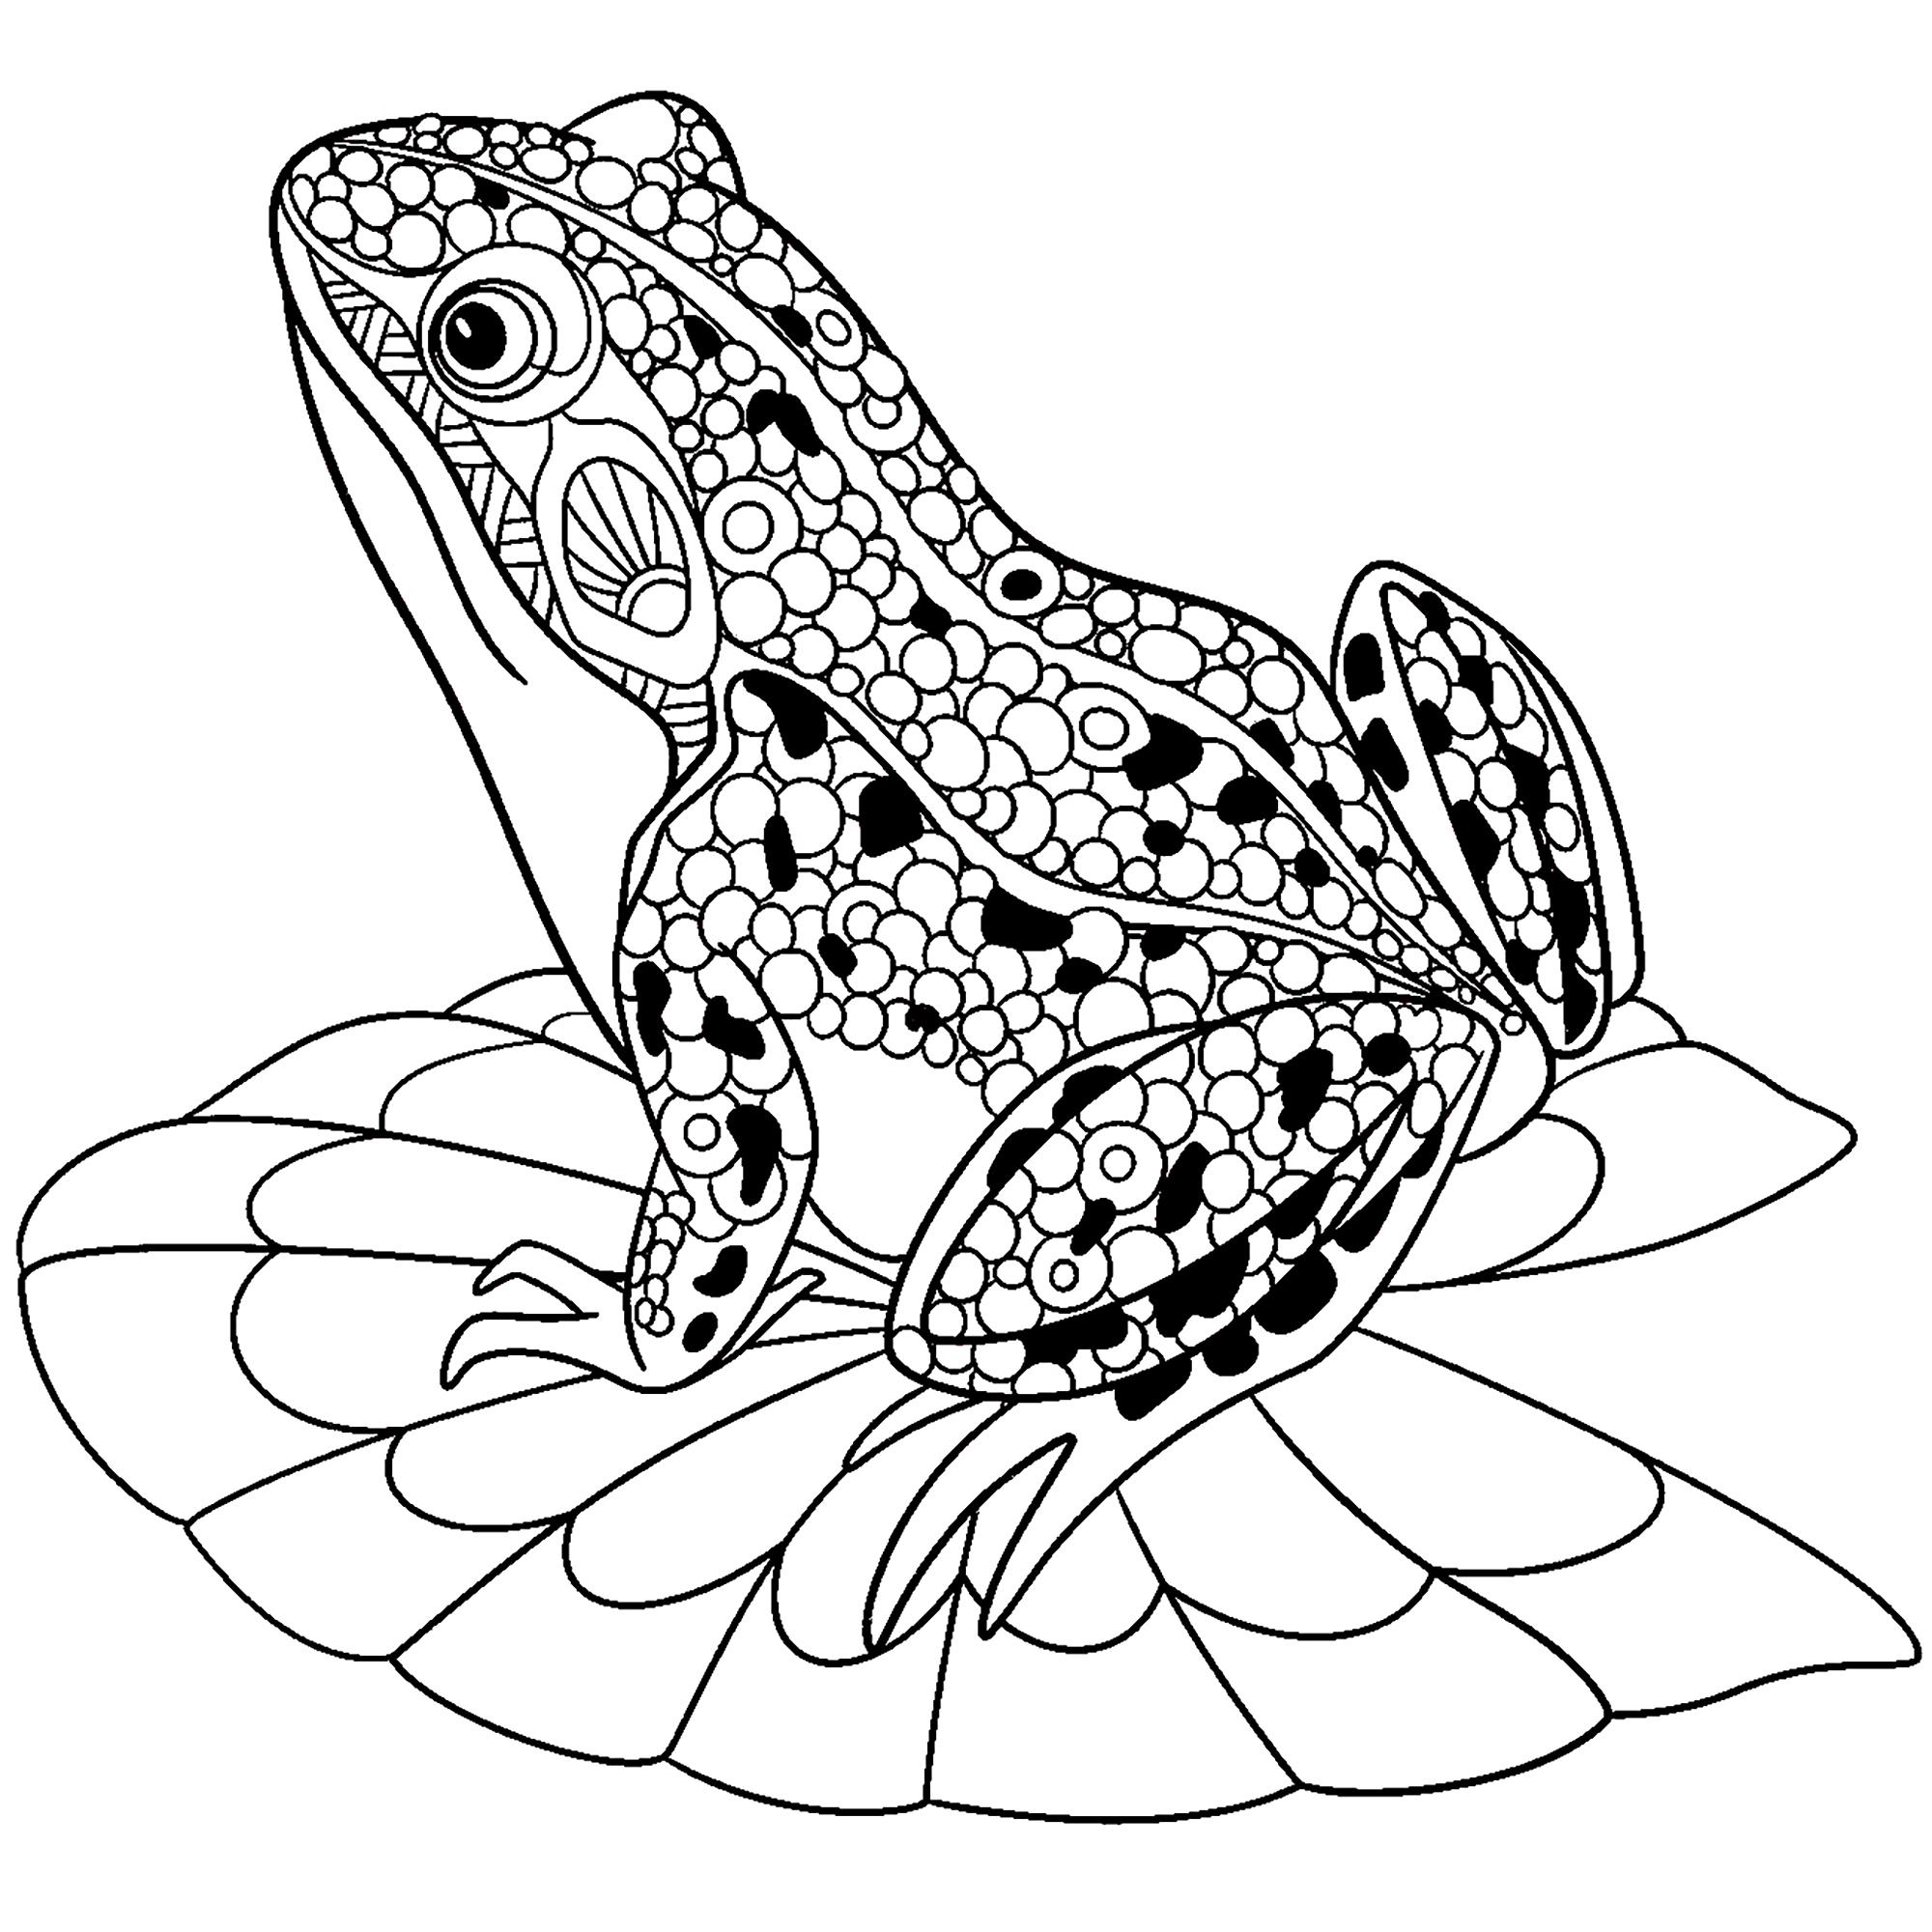 Ranas 57169 | Ranas - Colorear para adultos | JustColor